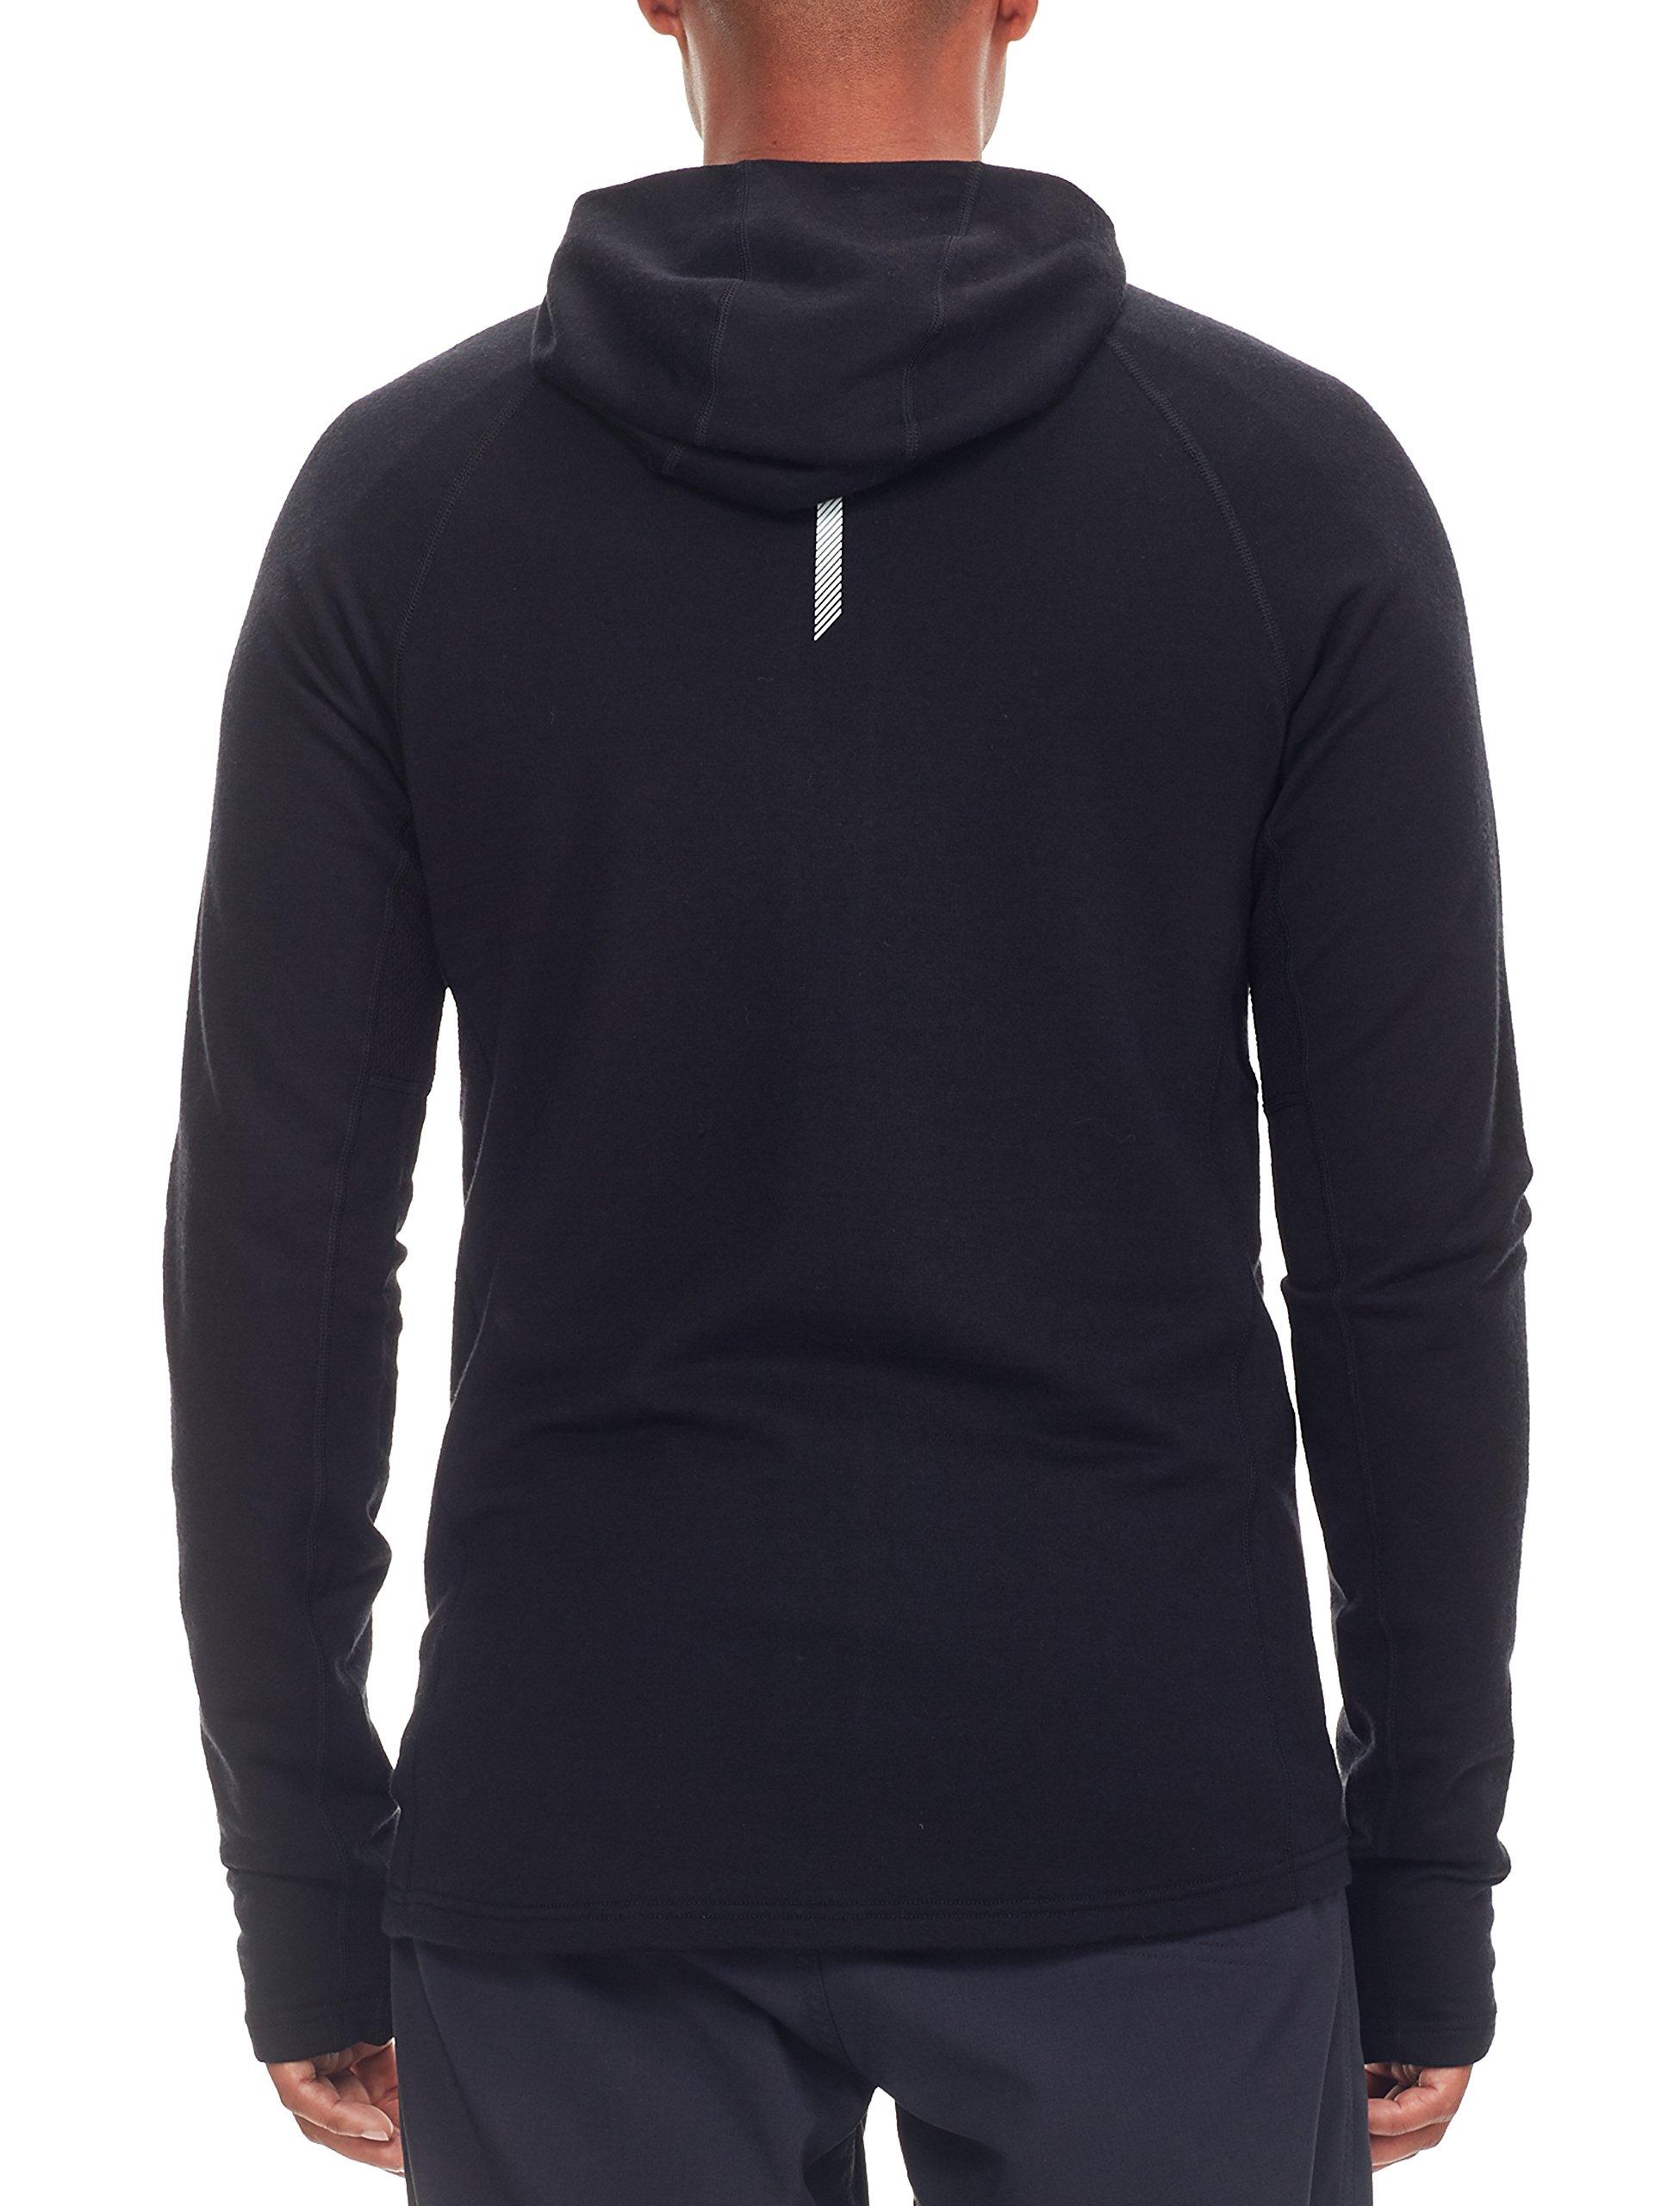 81kPevEpjQL - Icebreaker Men's Quantum Long Sleeve Zip Hood Cover Ups